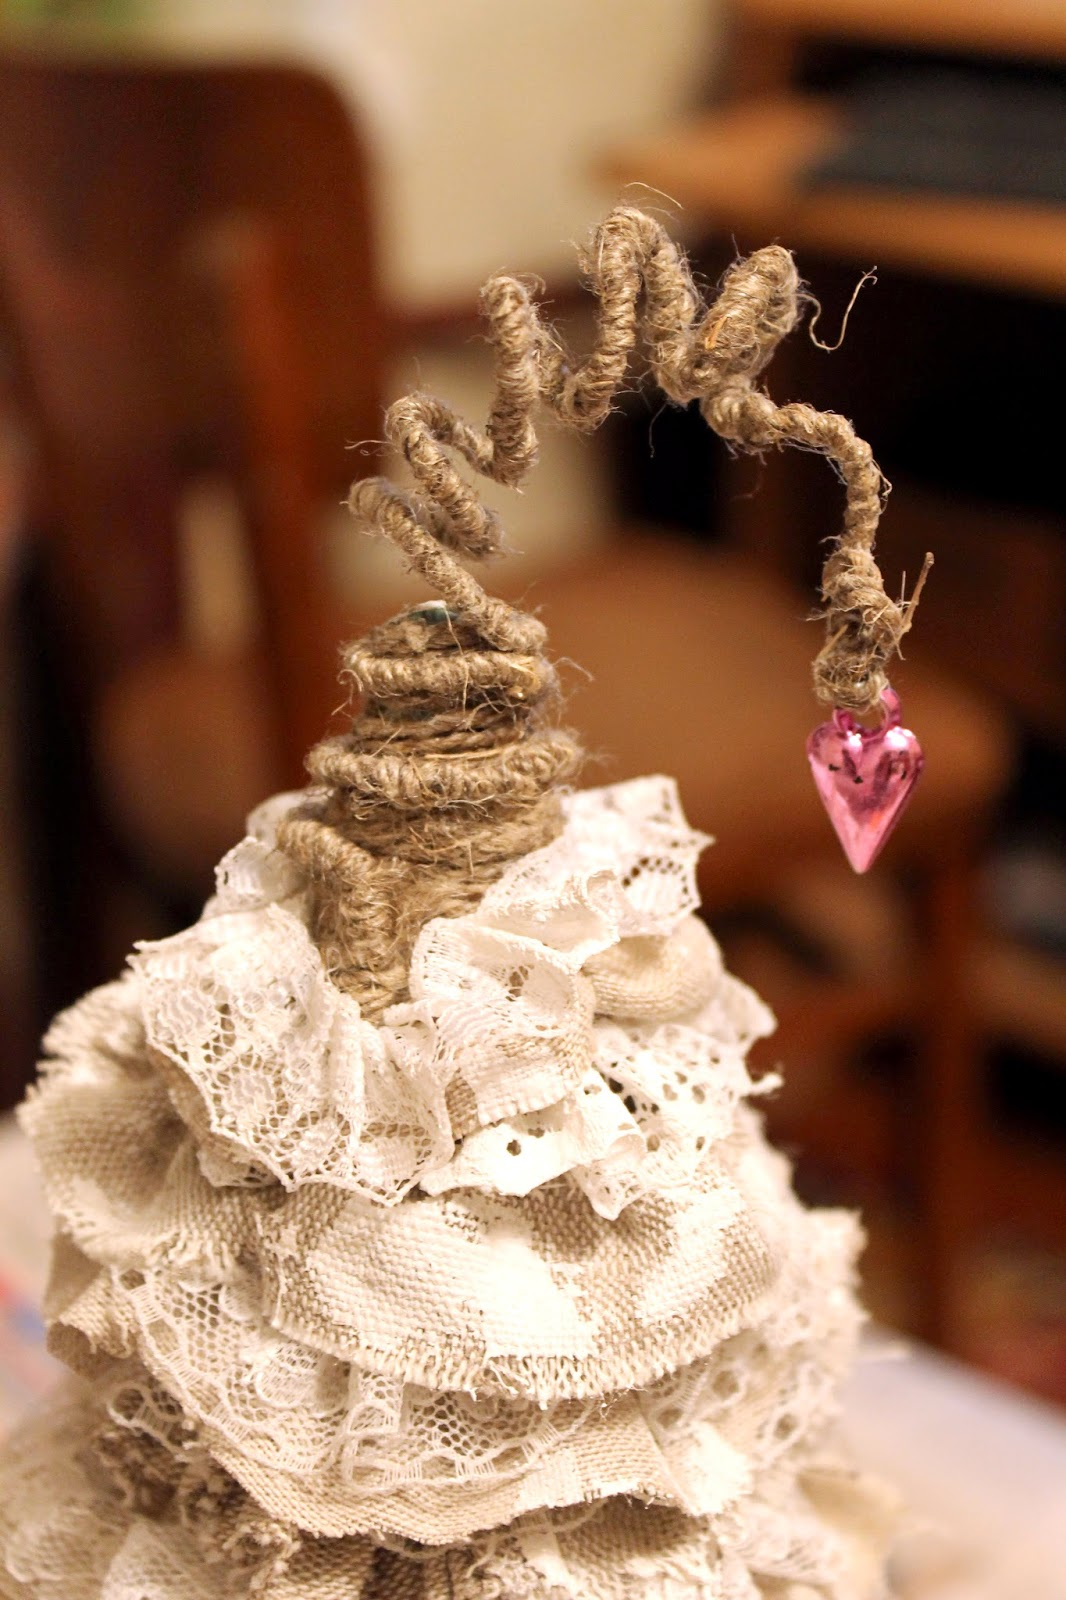 Елочка своими руками, новогодняя елочка, как сделать елочку, из ниток, новый год, новогодний подарок, мастер-класс, подарок на новый год